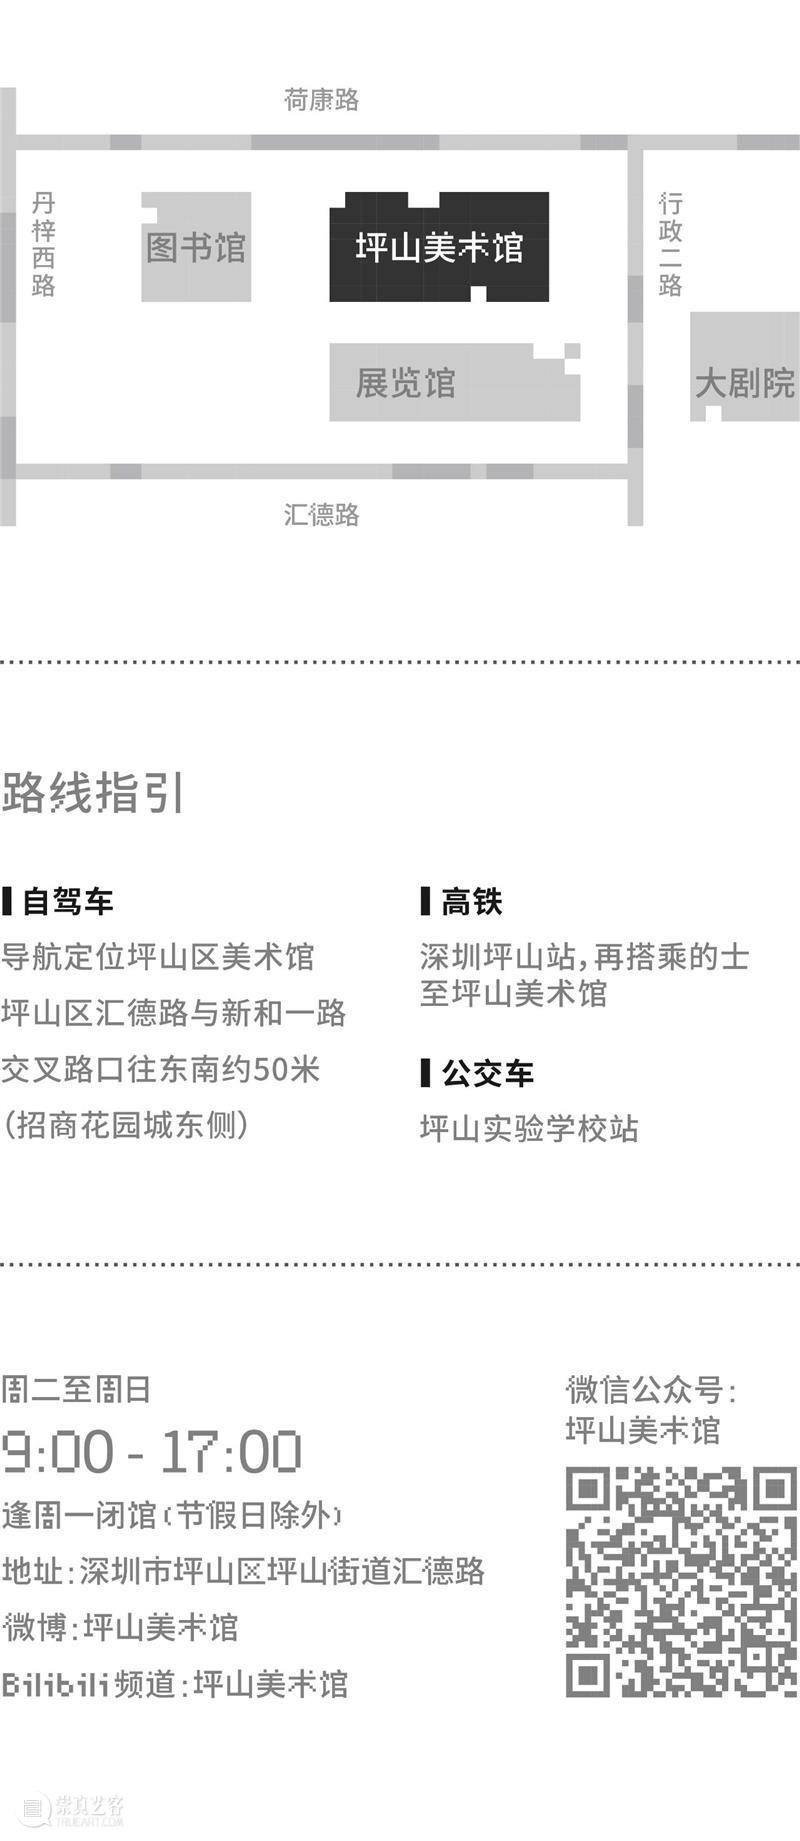 PAM访谈|刘治治:蓝色折叠 刘治治 PAM 蓝色 坪山美术馆 九层塔 空间 视觉 魔术 系列 艺术家 崇真艺客